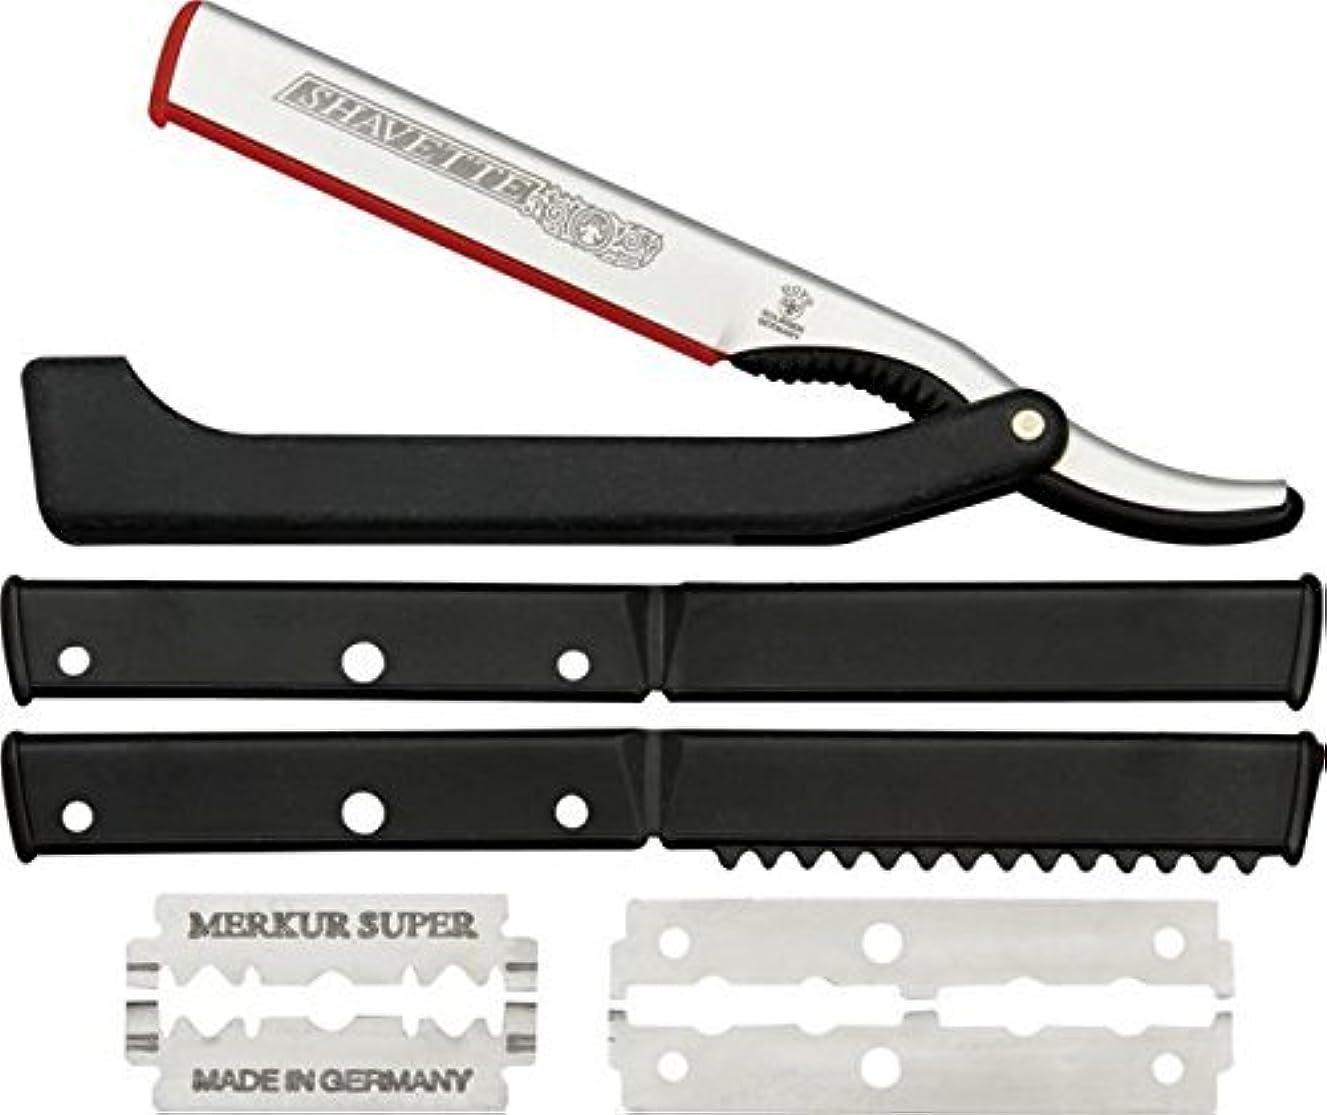 活性化するひねりそれにもかかわらずDOVO Solingen - Shavette, straight edge razor, changeable blade, 201081